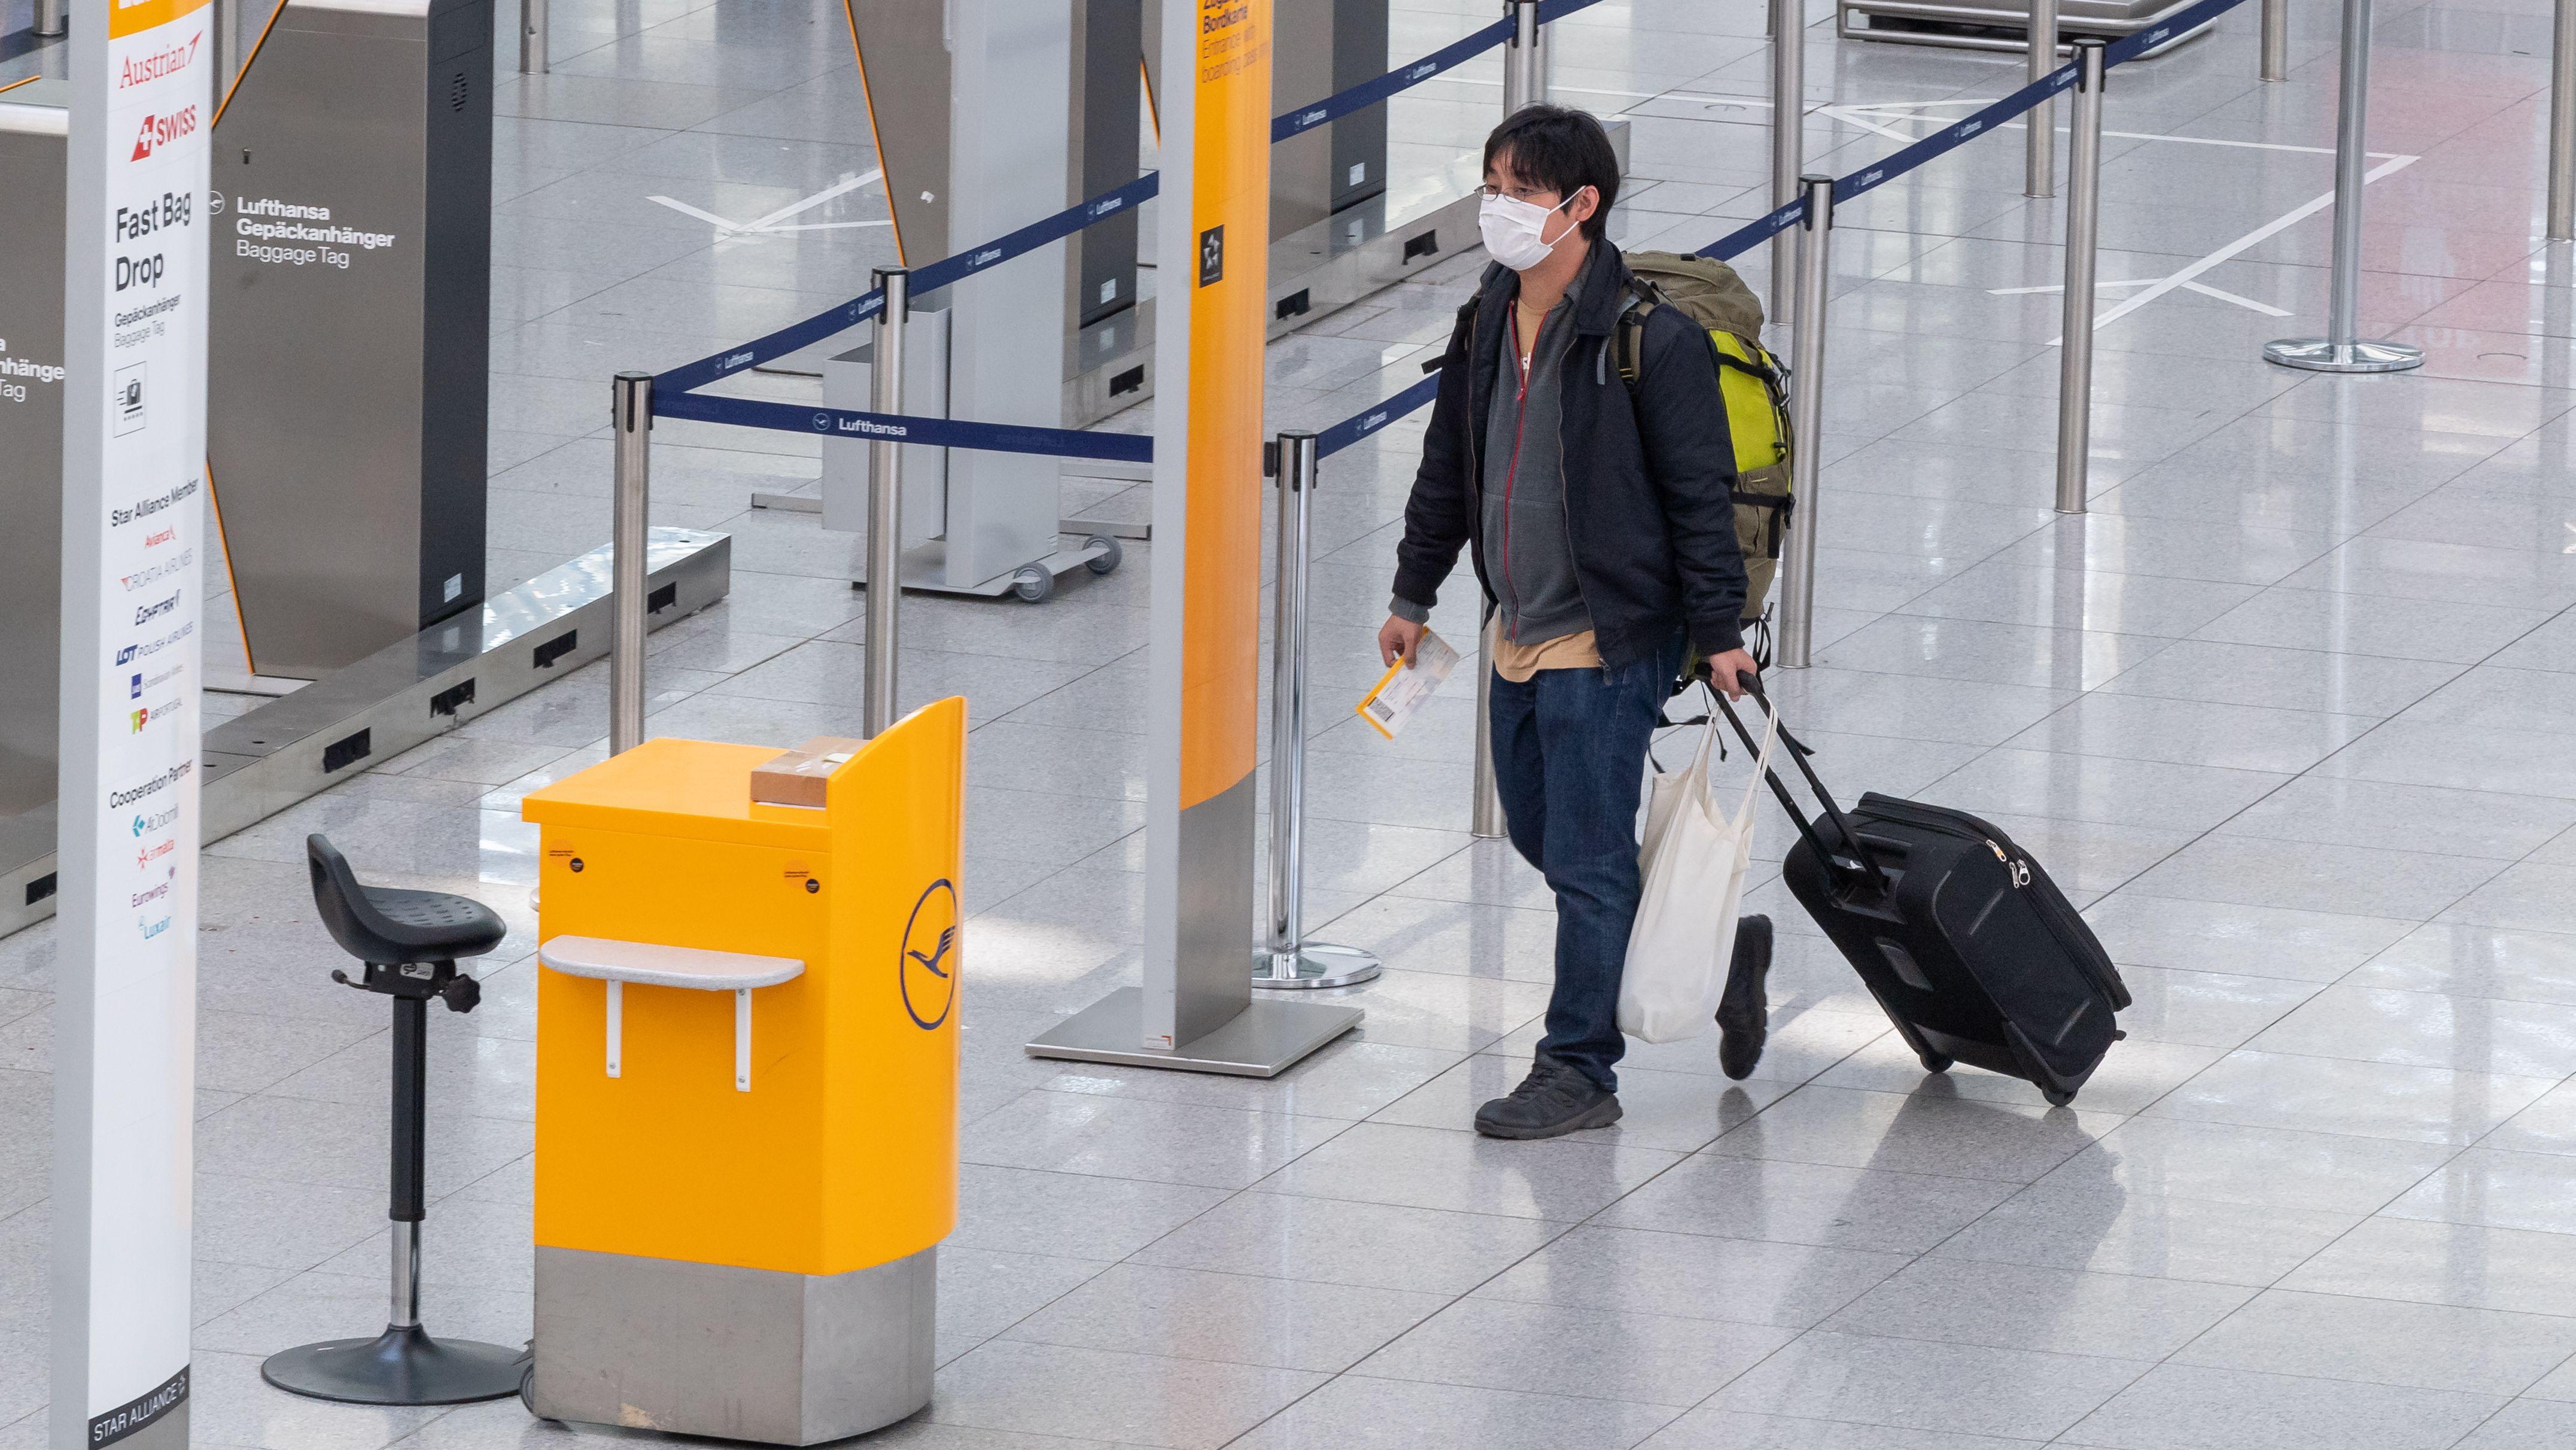 Ein Fluggast mit Mundschutz geht am 18.03.2020 zum Check-in Schalter der Lufthansa am Flughafen München.